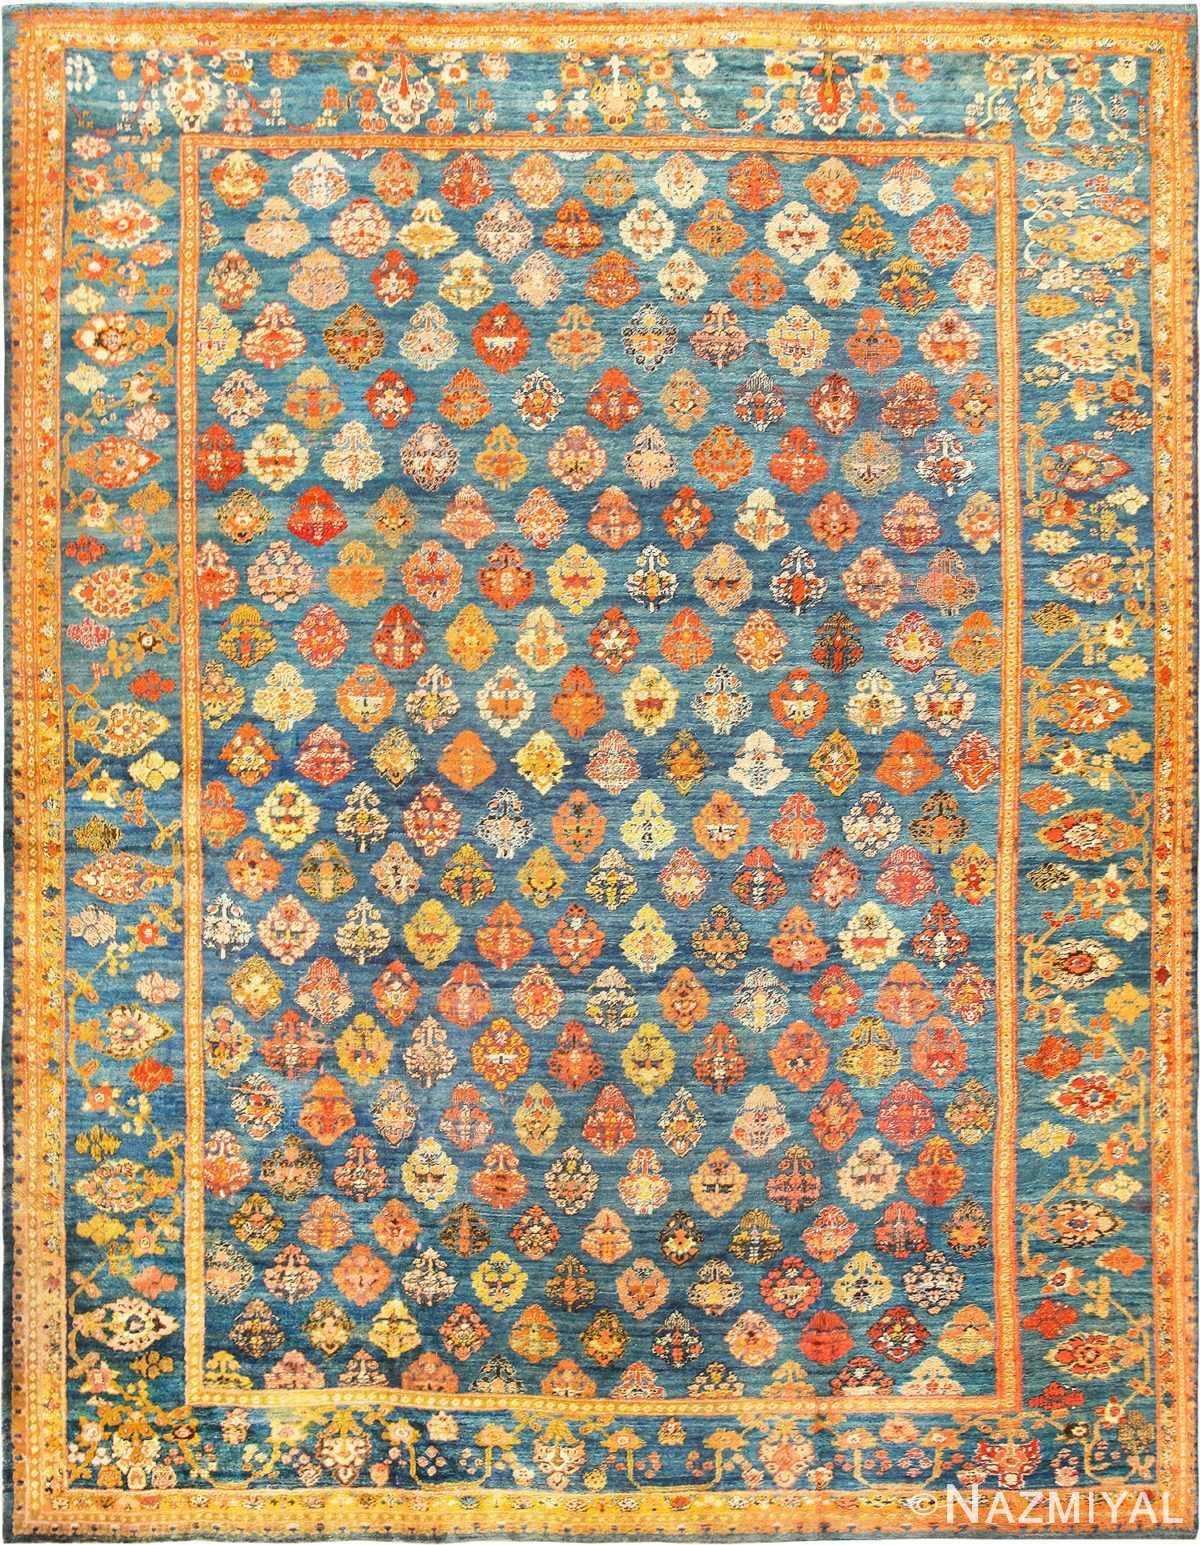 Large Size Decorative Light Blue Antique Turkish Angora Oushak Rug 49111 by Nazmiyal